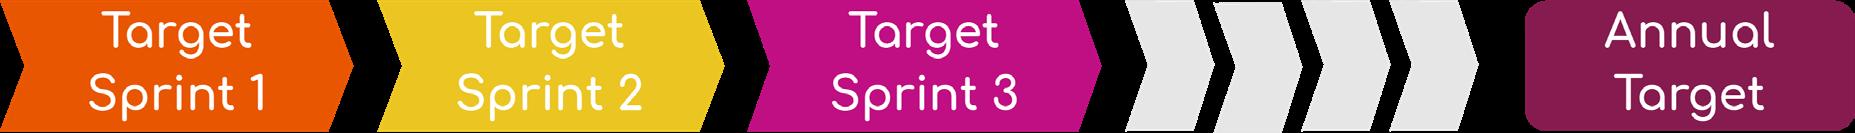 Overzicht doelstellingen sprints en jaardoelstelling